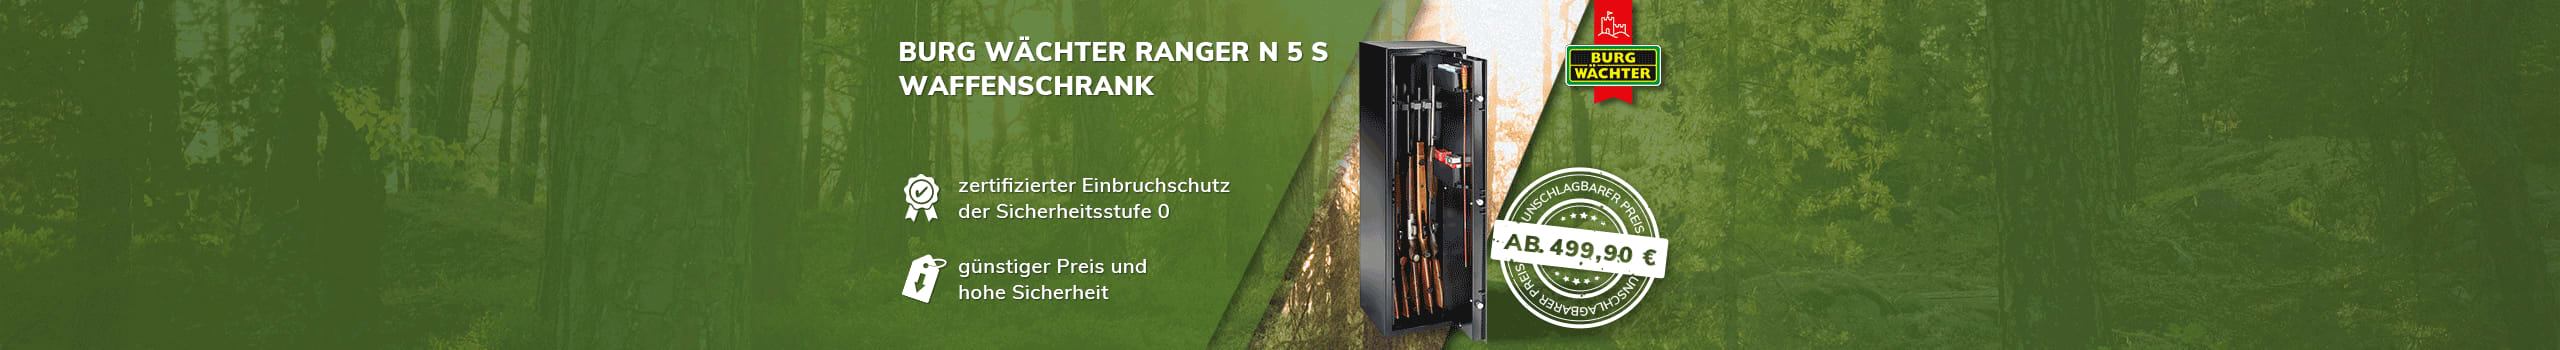 Burg Wächter Ranger N 5 S